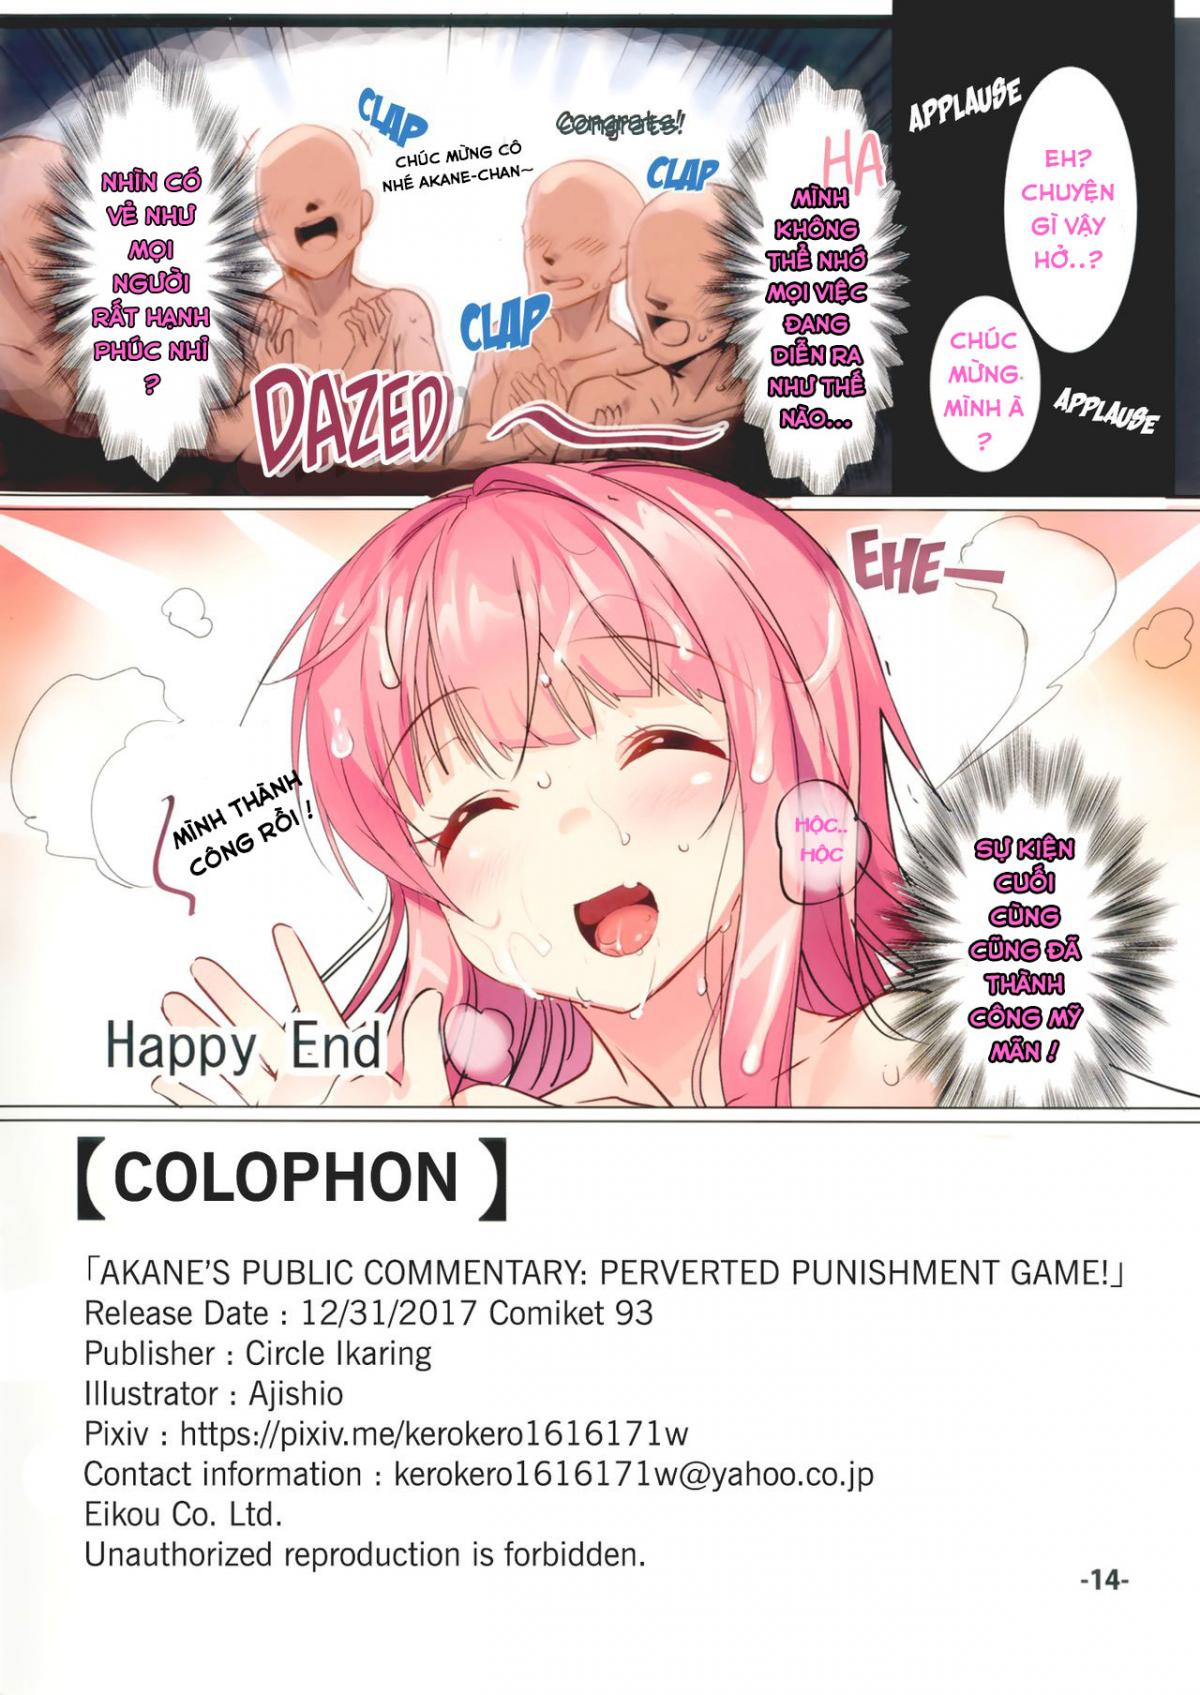 Hình ảnh  trong bài viết Akane-chan no Koukai Jikkyou de H na Batsu Game o Shite Mita